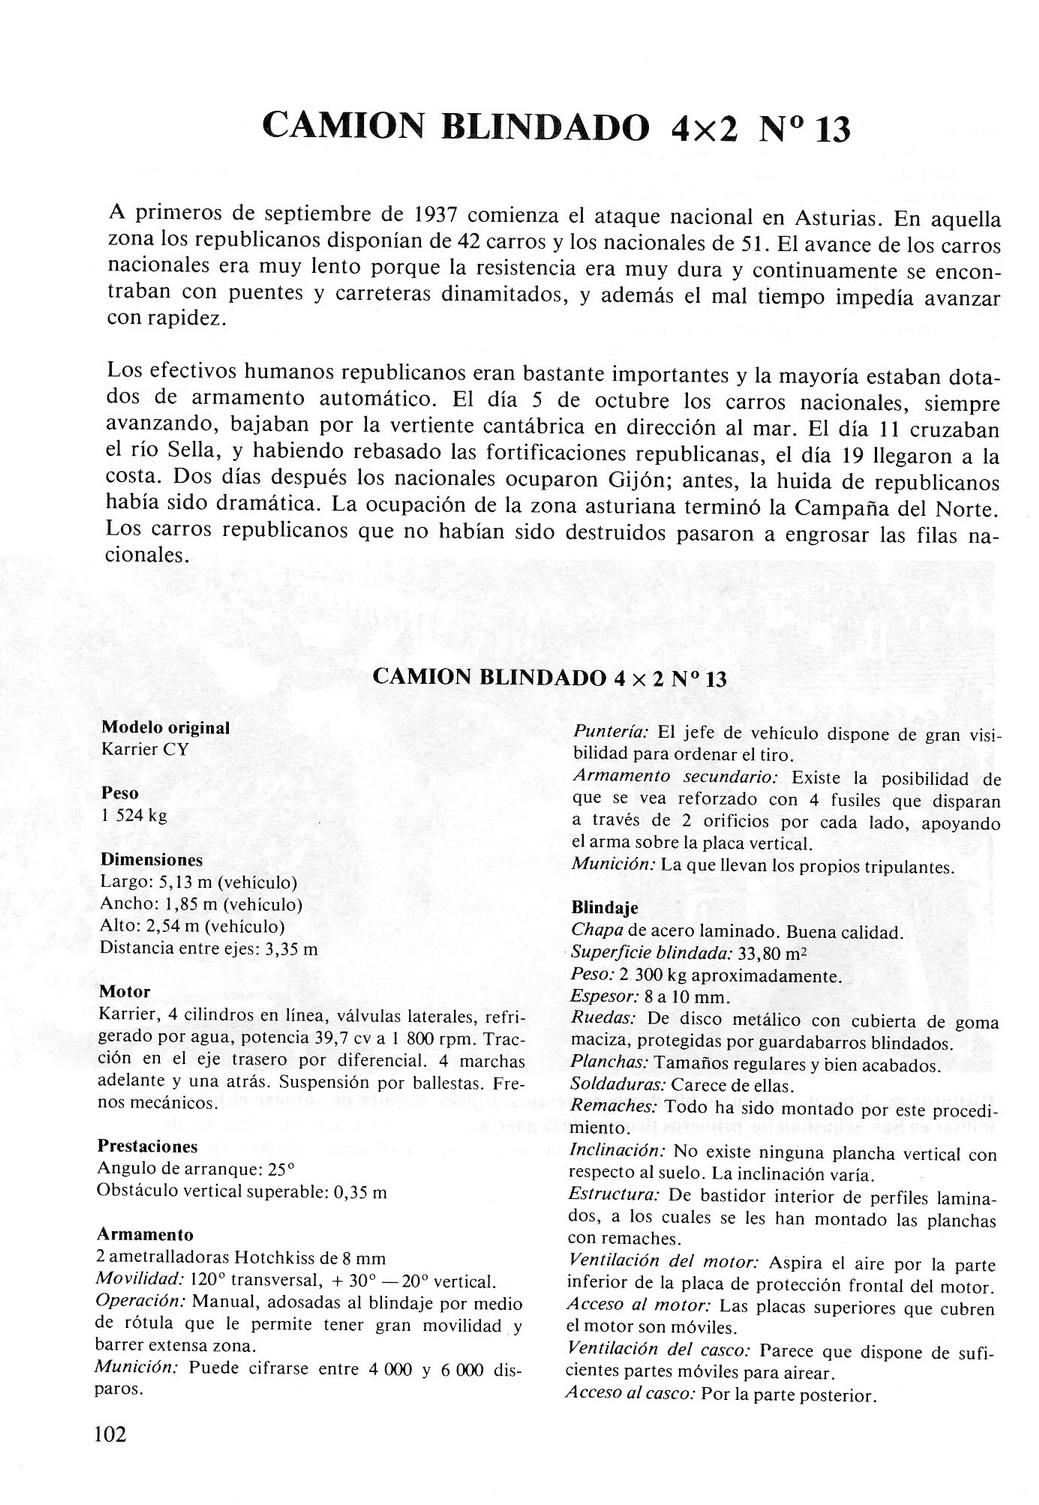 Carros De Combate Y Vehiculos Blindados De La Guerra 1936 1939 [F.C.Albert 1980]_Страница_100.jpg